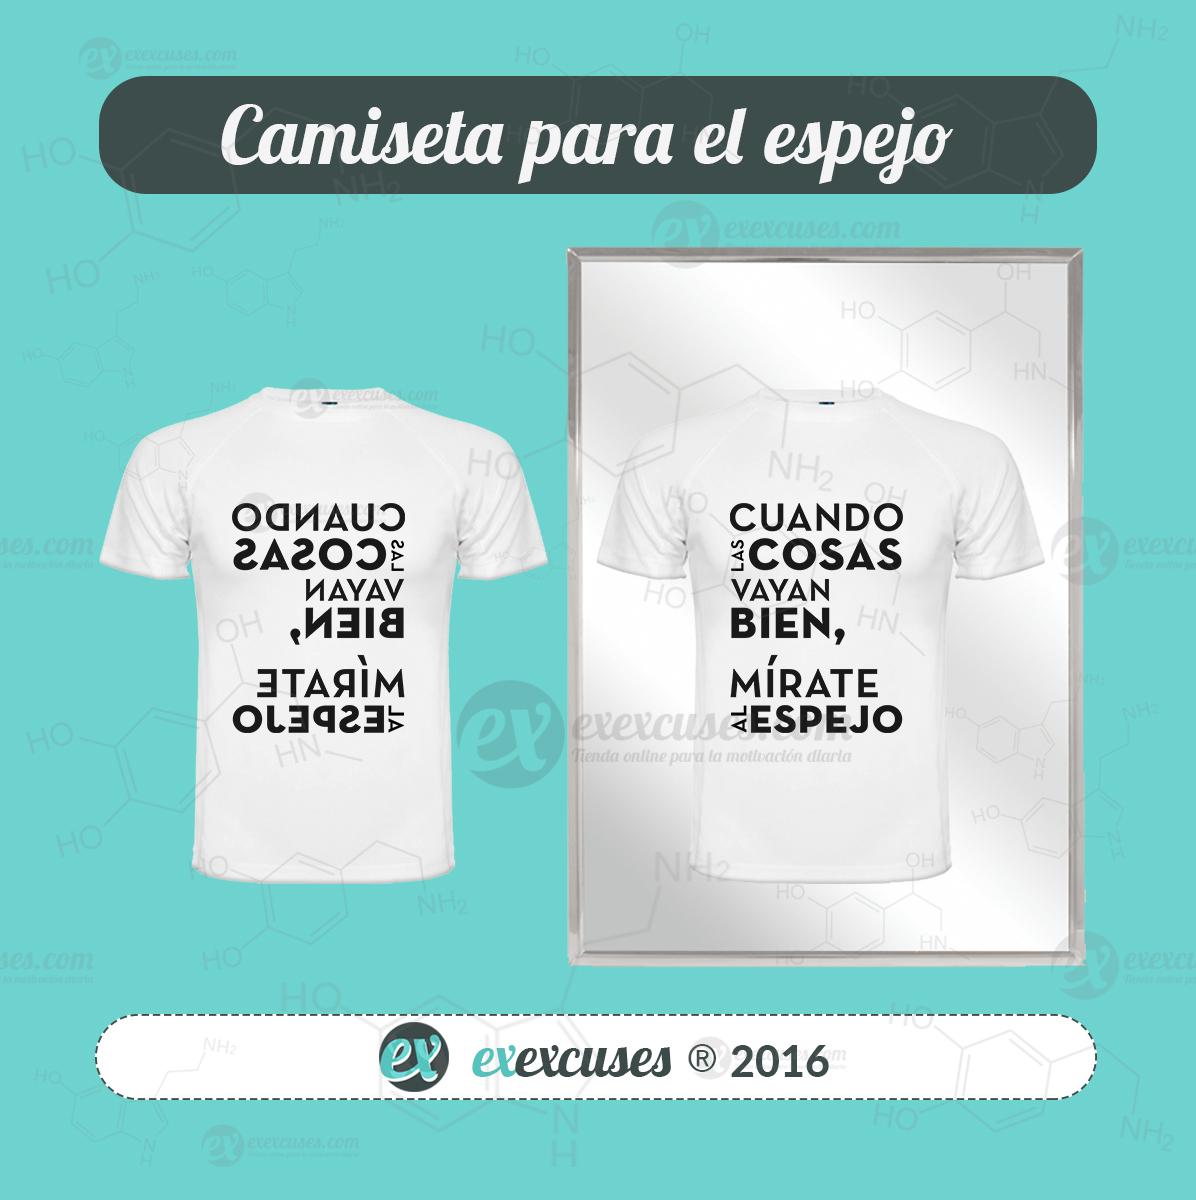 Camiseta mírate al espejo exexcuses.com®